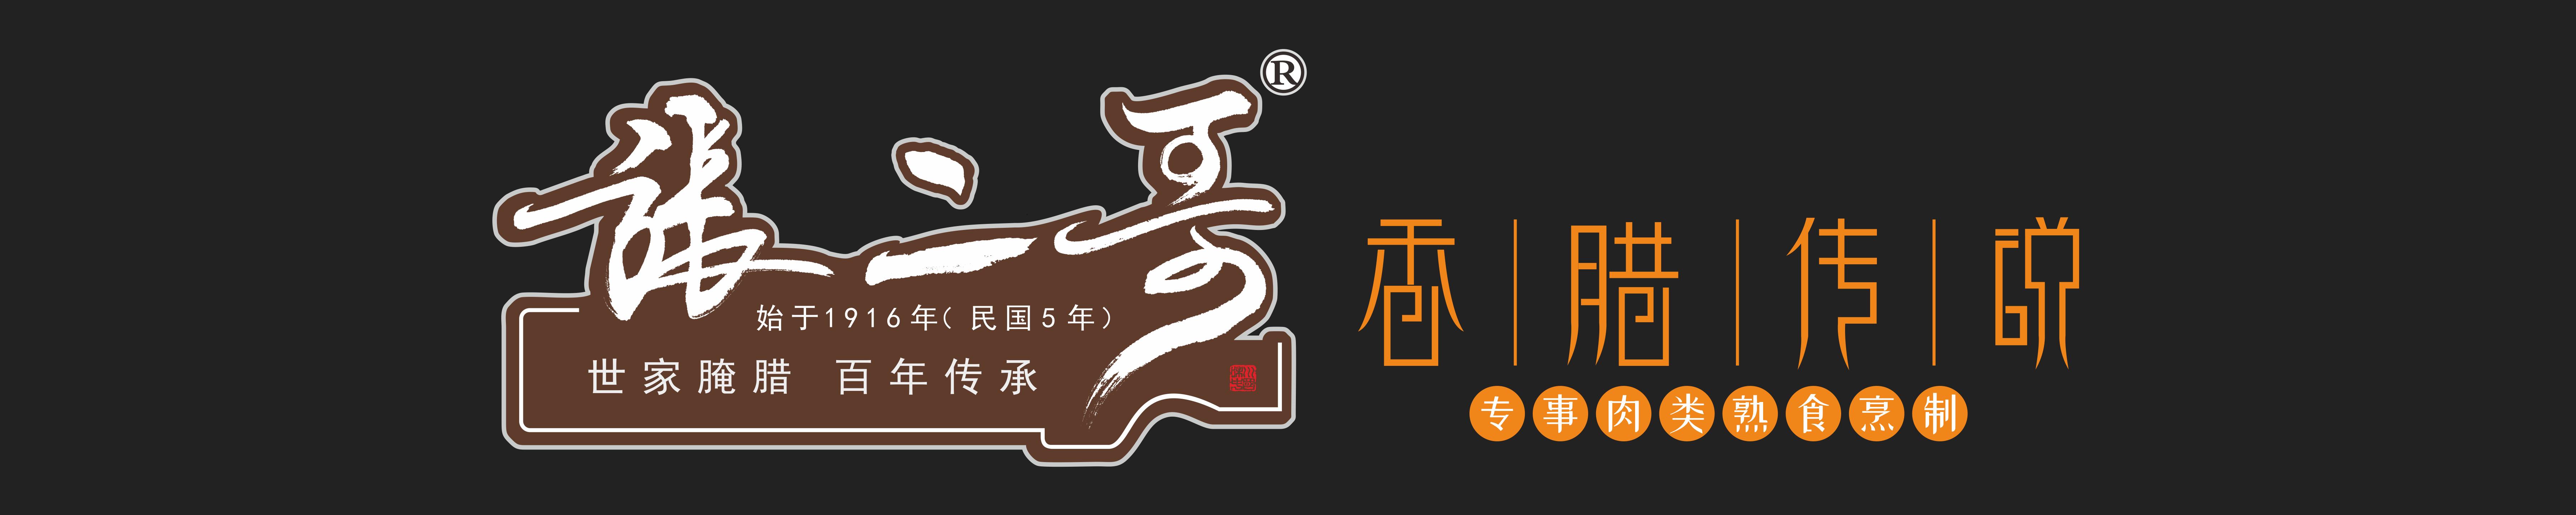 """""""张二哥——香腊传说""""来了!(图2)"""